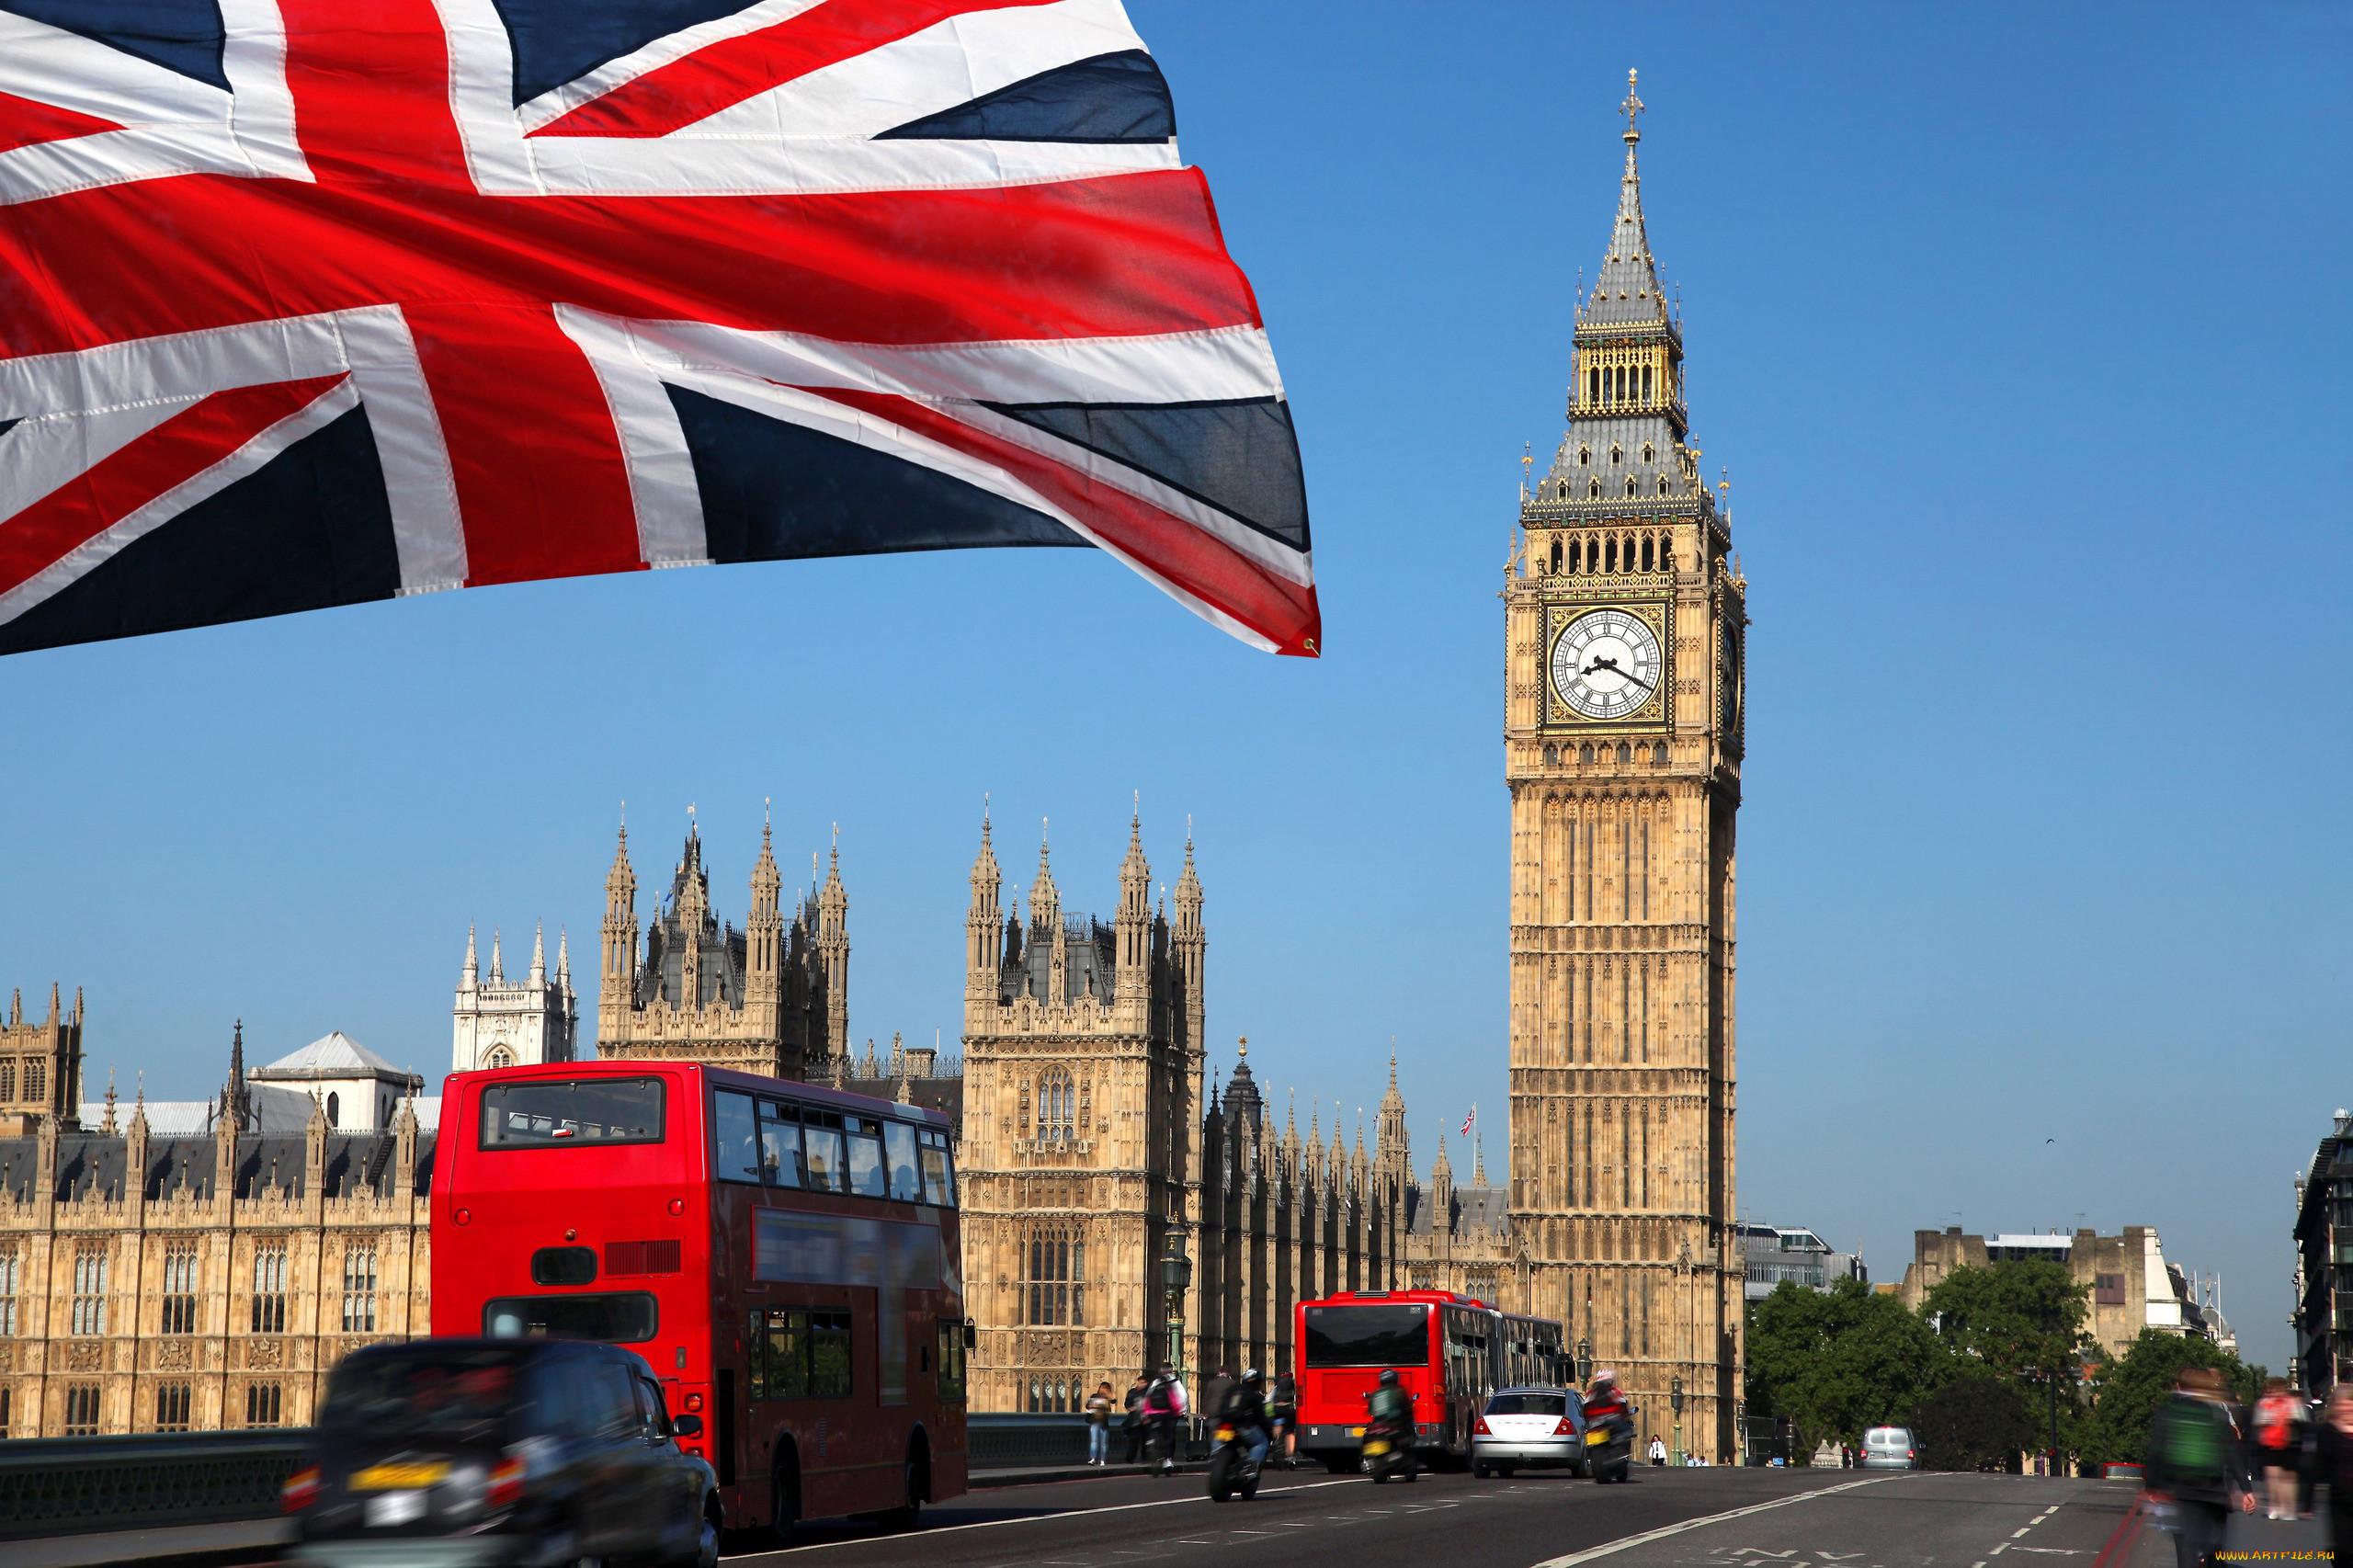 помощью картинки на тематику лондон запчастей два двигателя